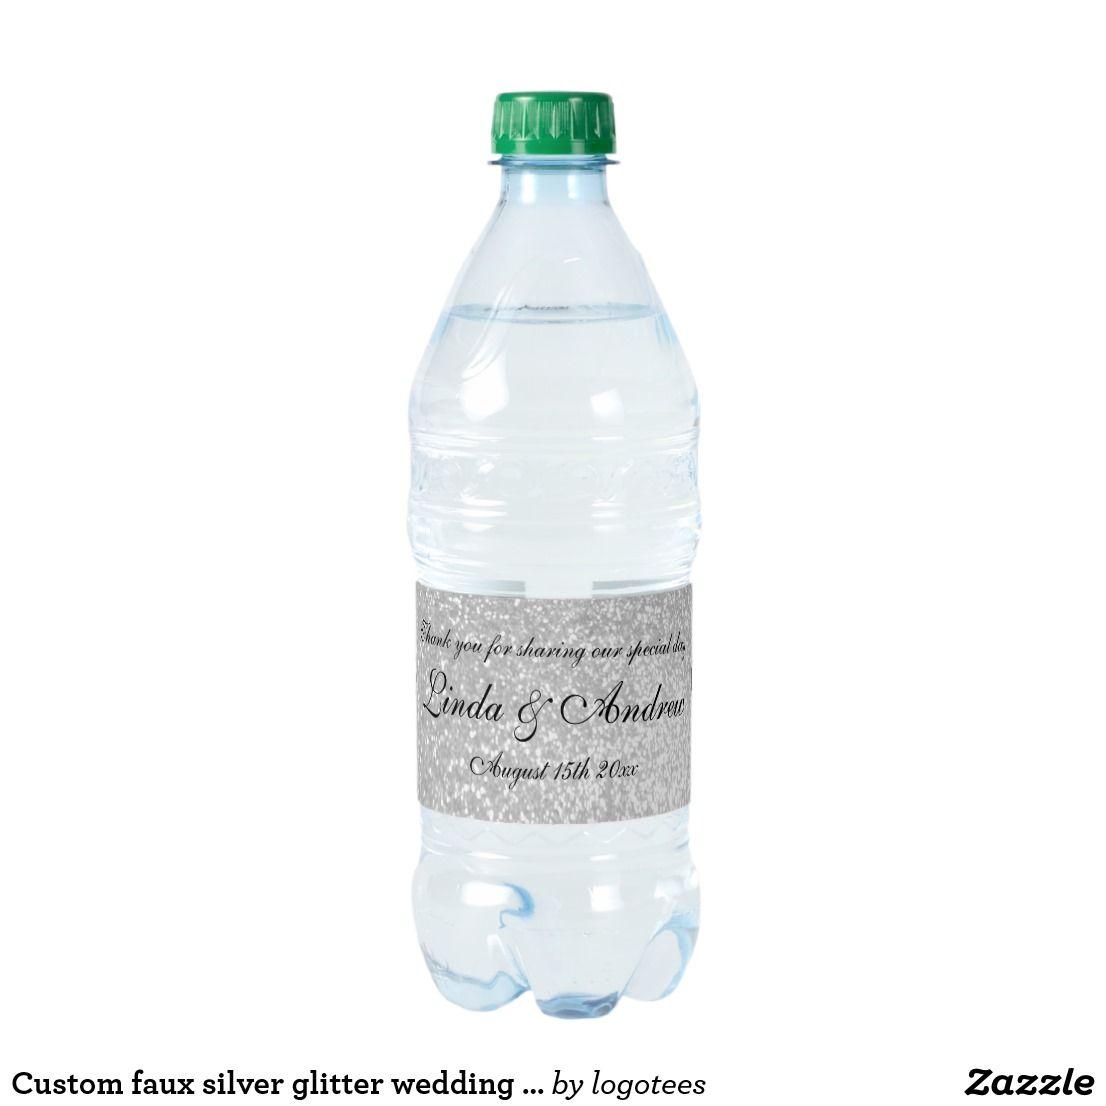 Custom faux silver glitter wedding party favor water bottle label ...